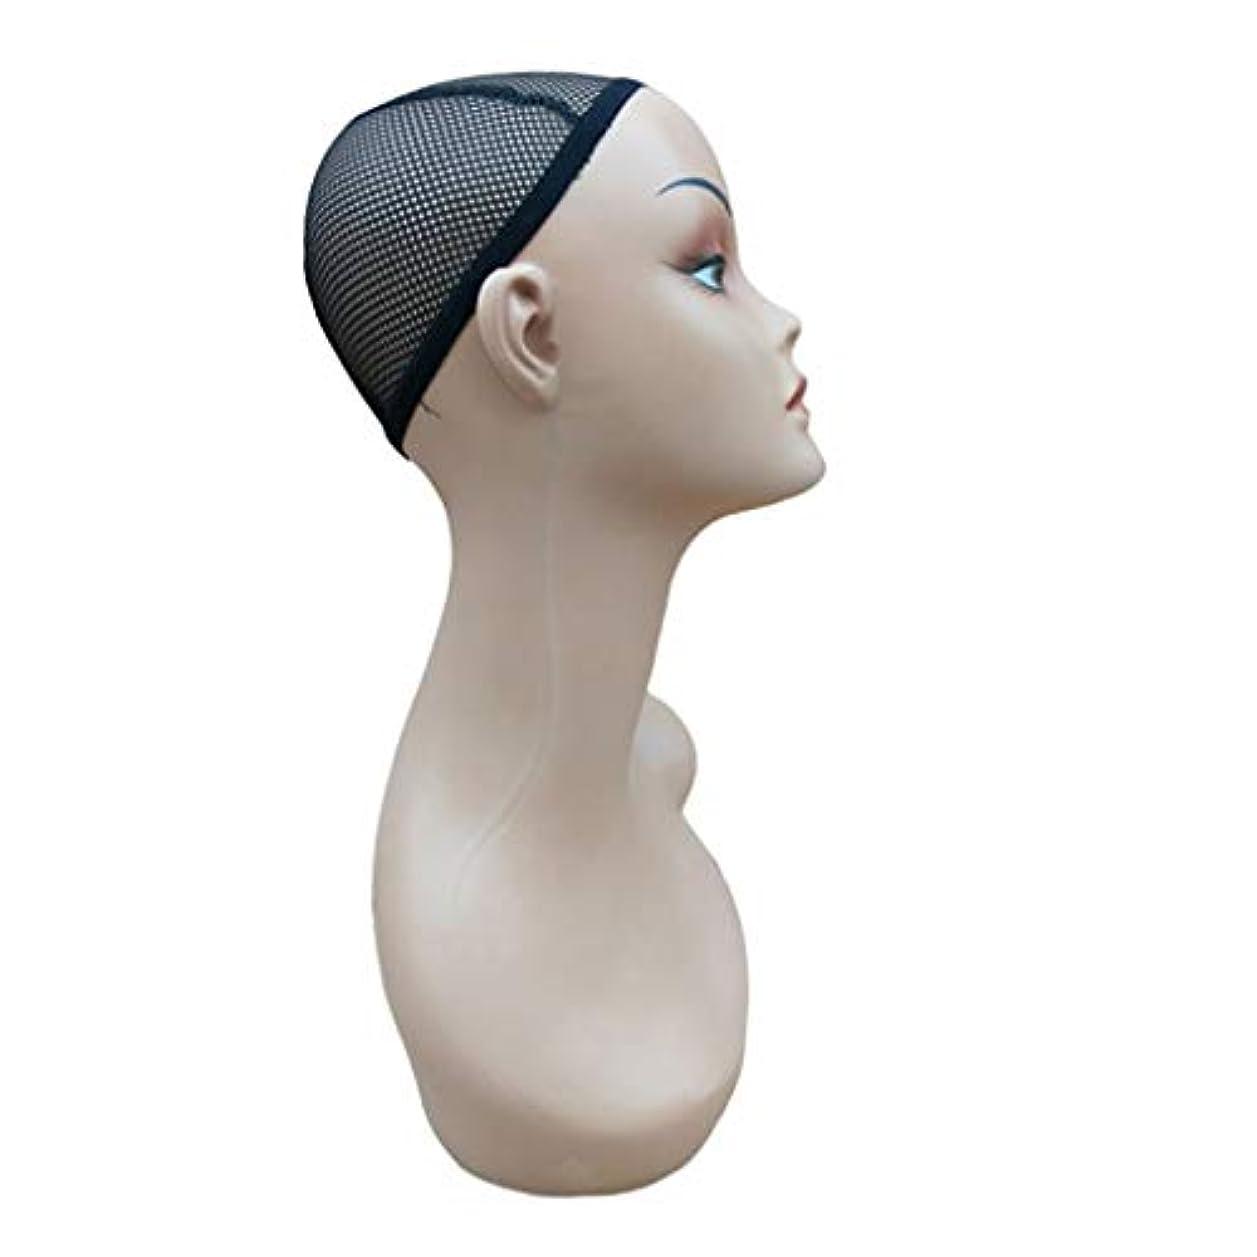 禁輸カタログ援助するDYNWAVE マネキンヘッド ヘッドモデル ディスプレイ ネックレス ジュエリー 帽子スタンド